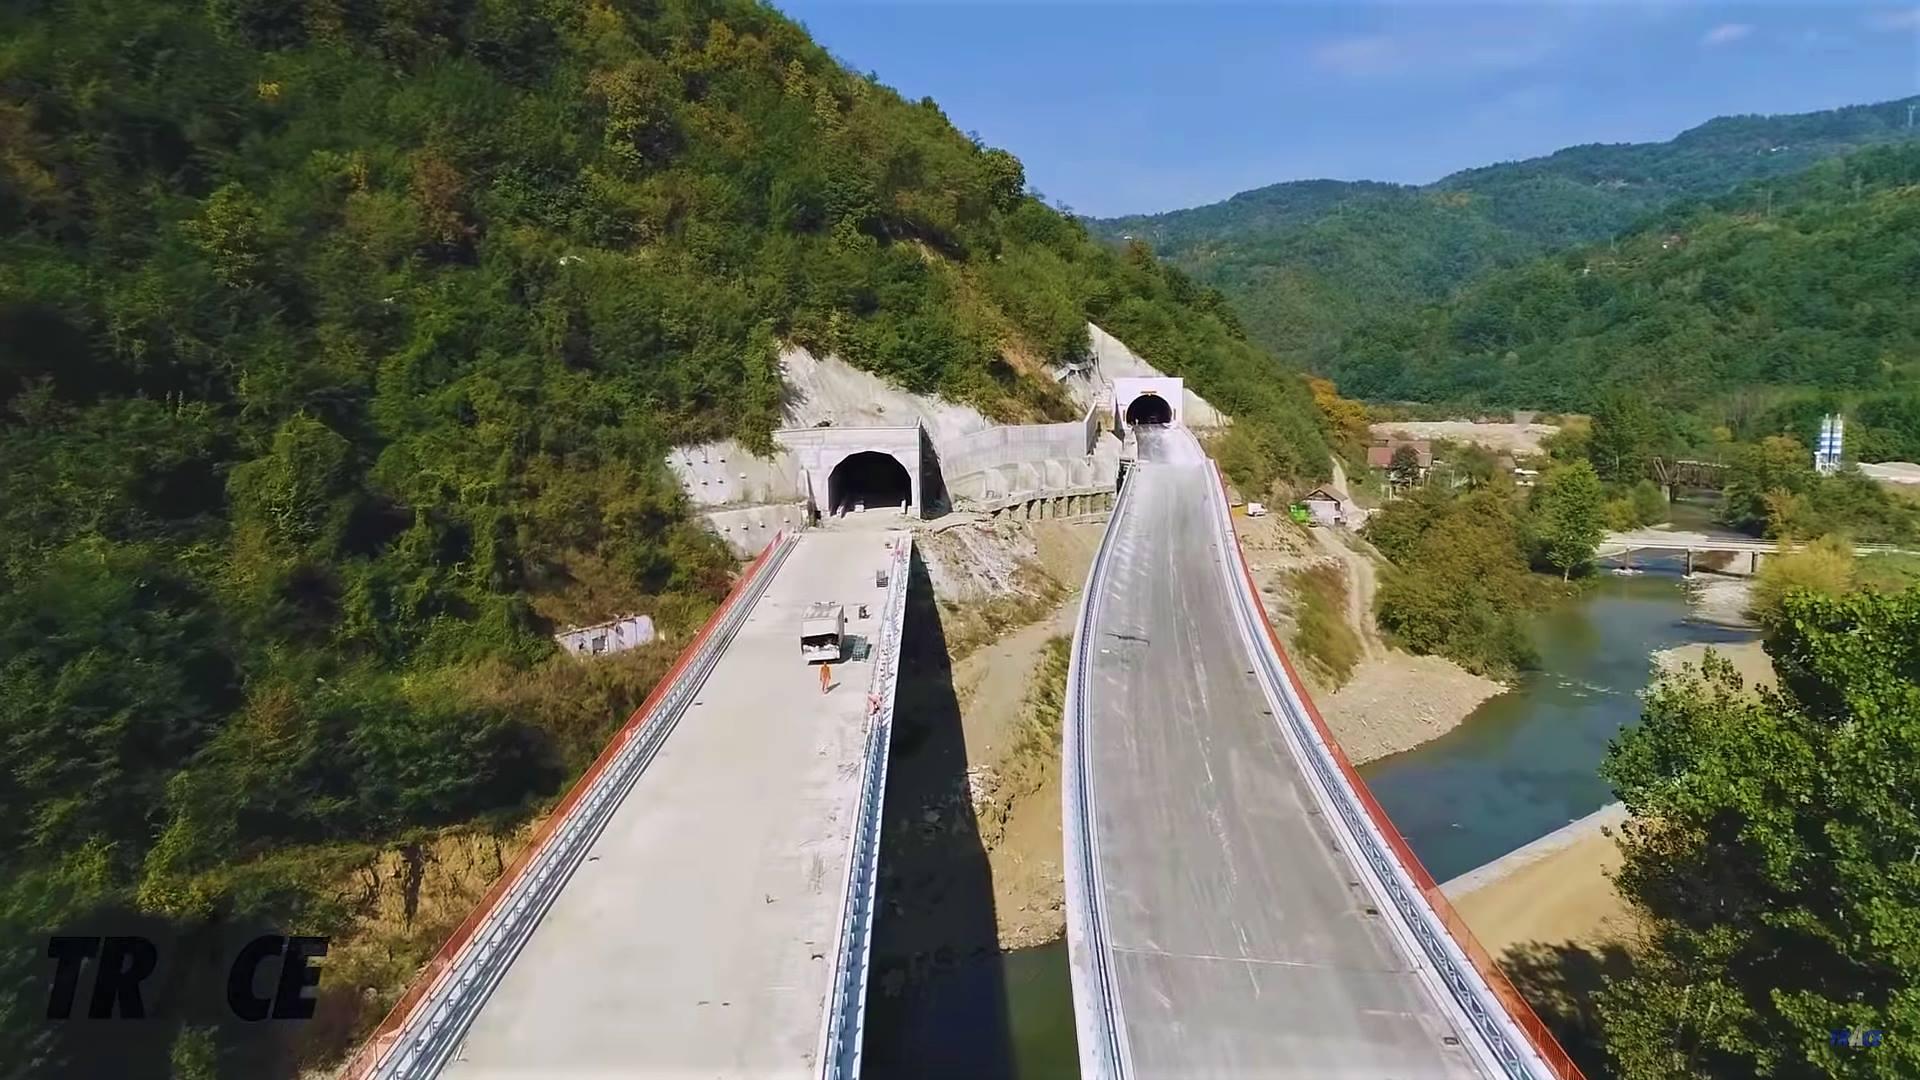 Autostrada Sibiu-Piteşti face un nou pas înapoi, după ce s-a anulat licitaţia pentru forajele geotehnice suplimentare de pe secţiunile montane dintre Boiţa şi Tigveni